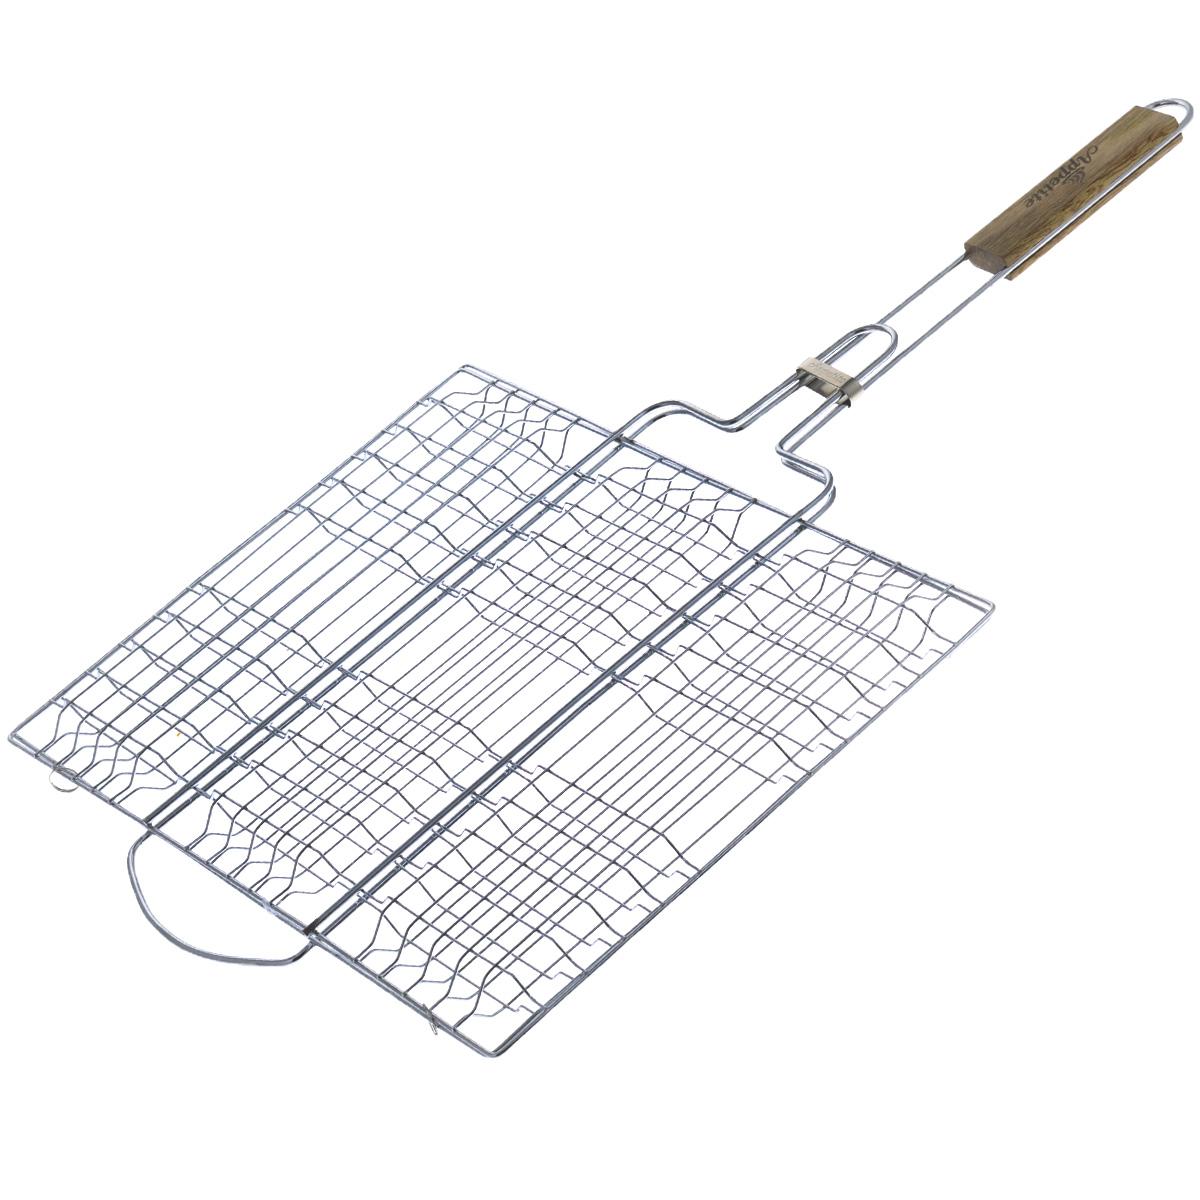 Решетка-гриль Appetite, плоская, 40 х 30 смWRA523700Решетка-гриль Appetite изготовлена из стали с хромированным покрытием. Приготовление вкусных блюд из рыбы, мяса или птицы на пикнике становится еще более быстрым и удобным с использованием решетки-гриль. Изделие имеет деревянную вставку на ручке, предохраняющую руки от ожогов и позволяющую без труда перевернуть решетку. Надежное кольцо-фиксатор гарантирует, что решетка не откроется, и продукты не выпадут. Размер рабочей поверхности: 40 см х 30 см. Длина ручки: 32 см.